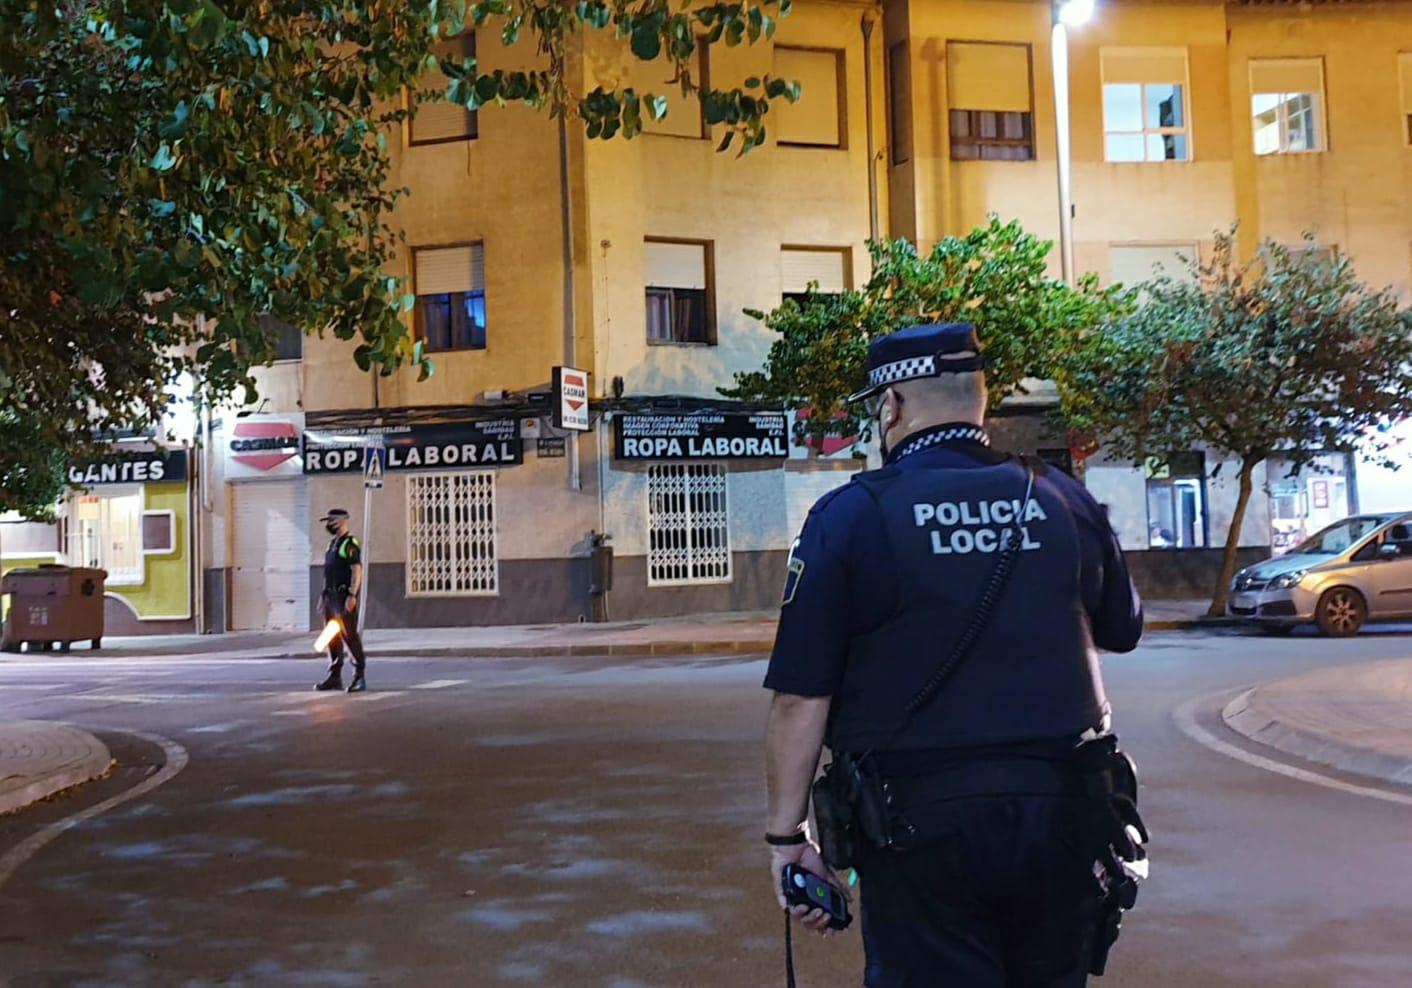 La Policía Local de Elda impone 11 sanciones durante los controles de emisión de ruidos de ciclomotores y motocicletas